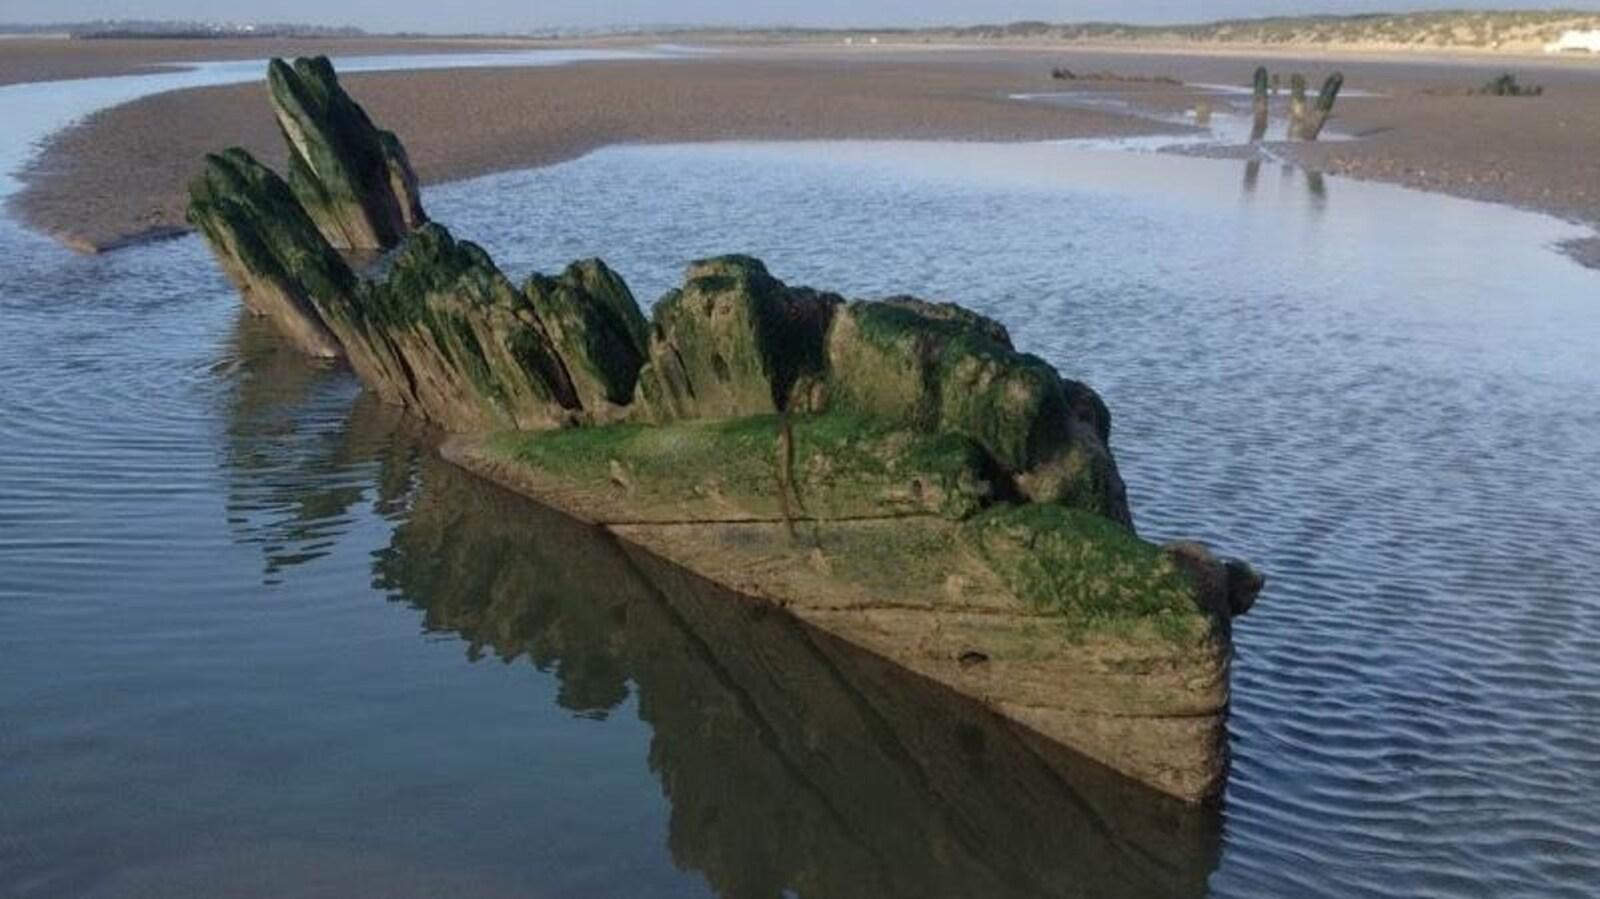 Une partie de la coque en bois sortant du sable